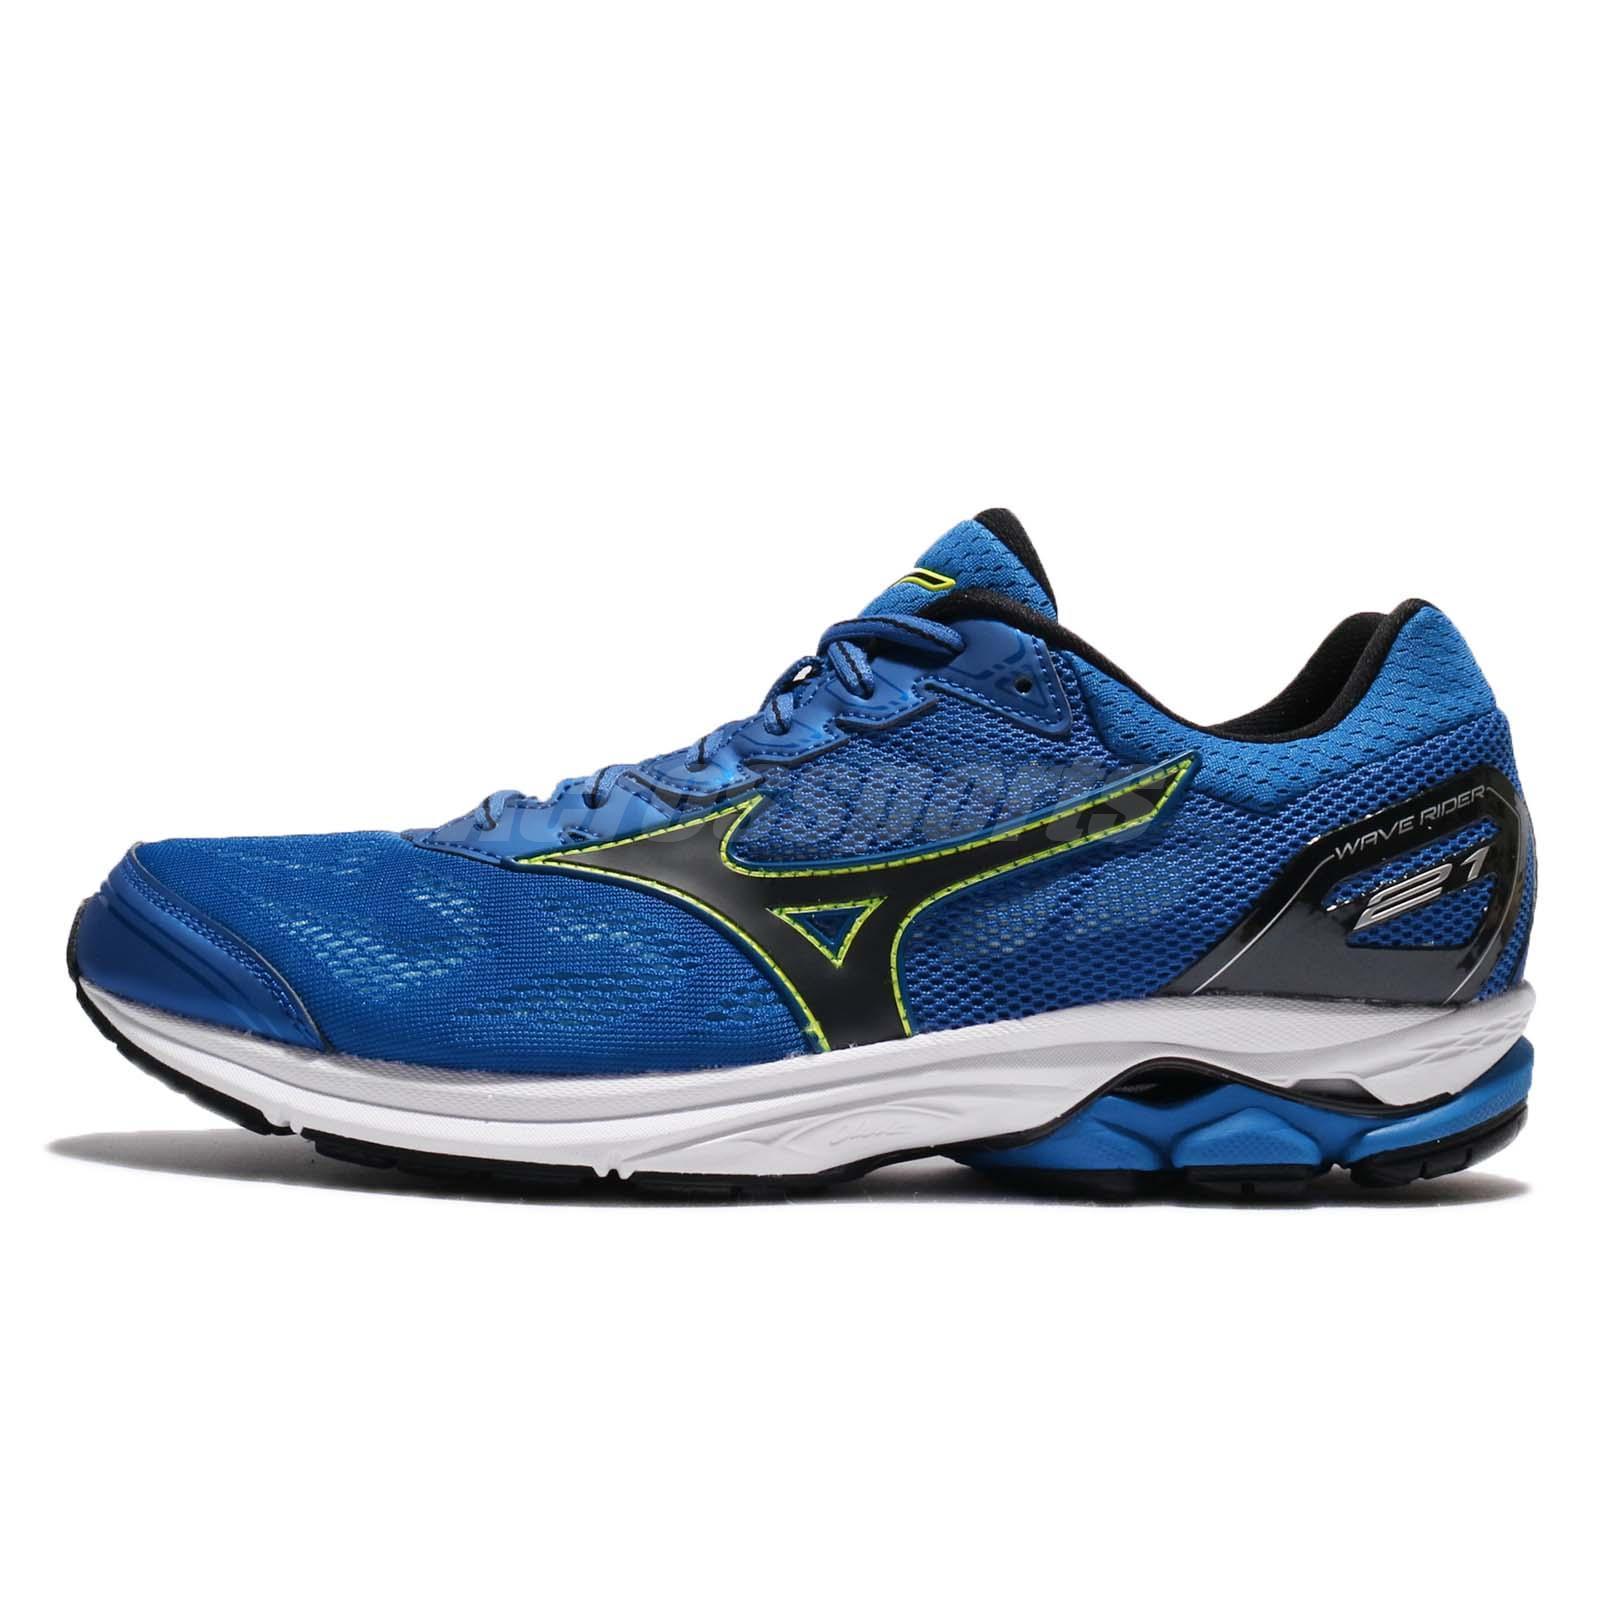 Mizuno Wave Rider 21 Blue Black Men Running Shoes Sneakers J1GC180310